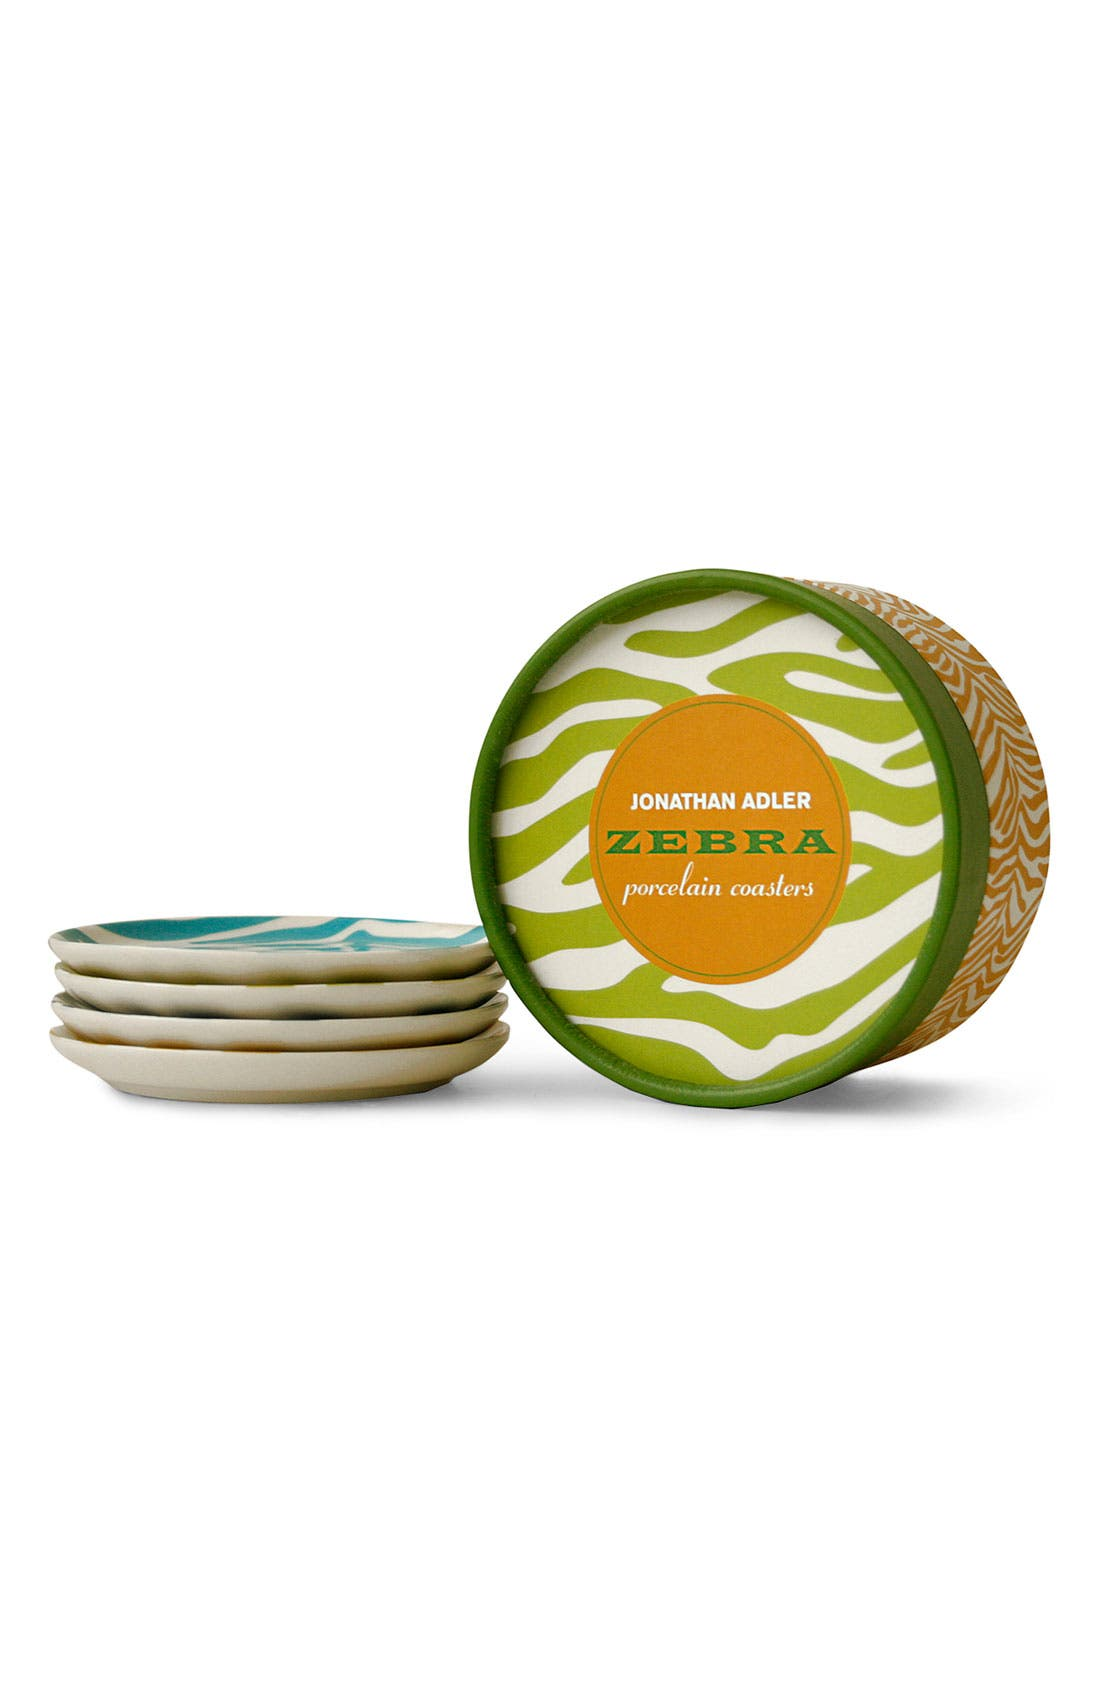 Alternate Image 2  - Jonathan Adler 'Zebra' Porcelain Coasters